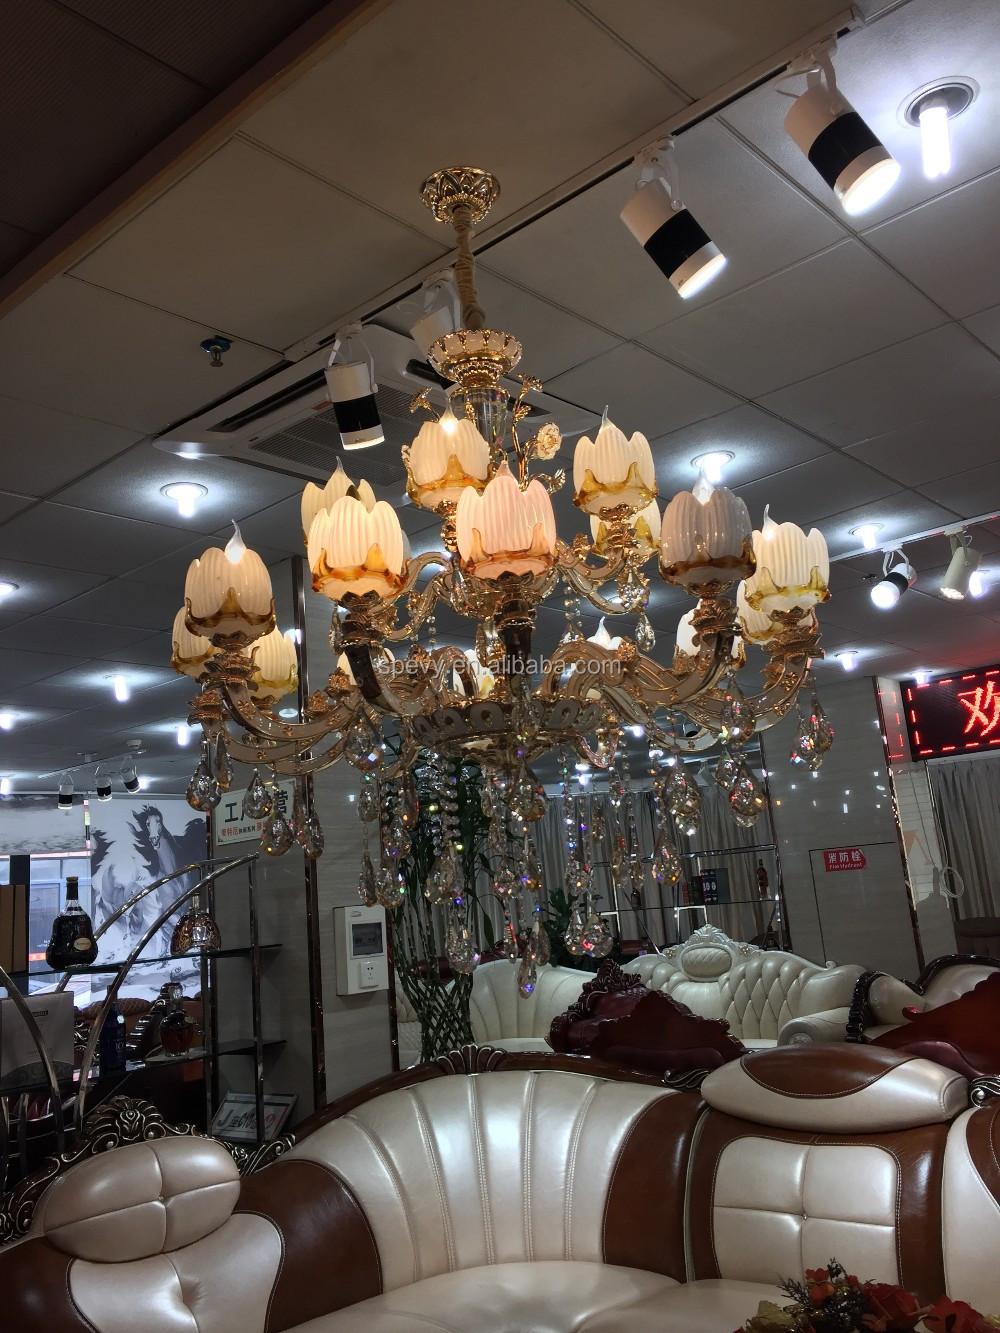 Lamparas Para Salon Moderno Beautiful With Lamparas Para Salon  ~ Lamparas De Techo Para Salones Modernos